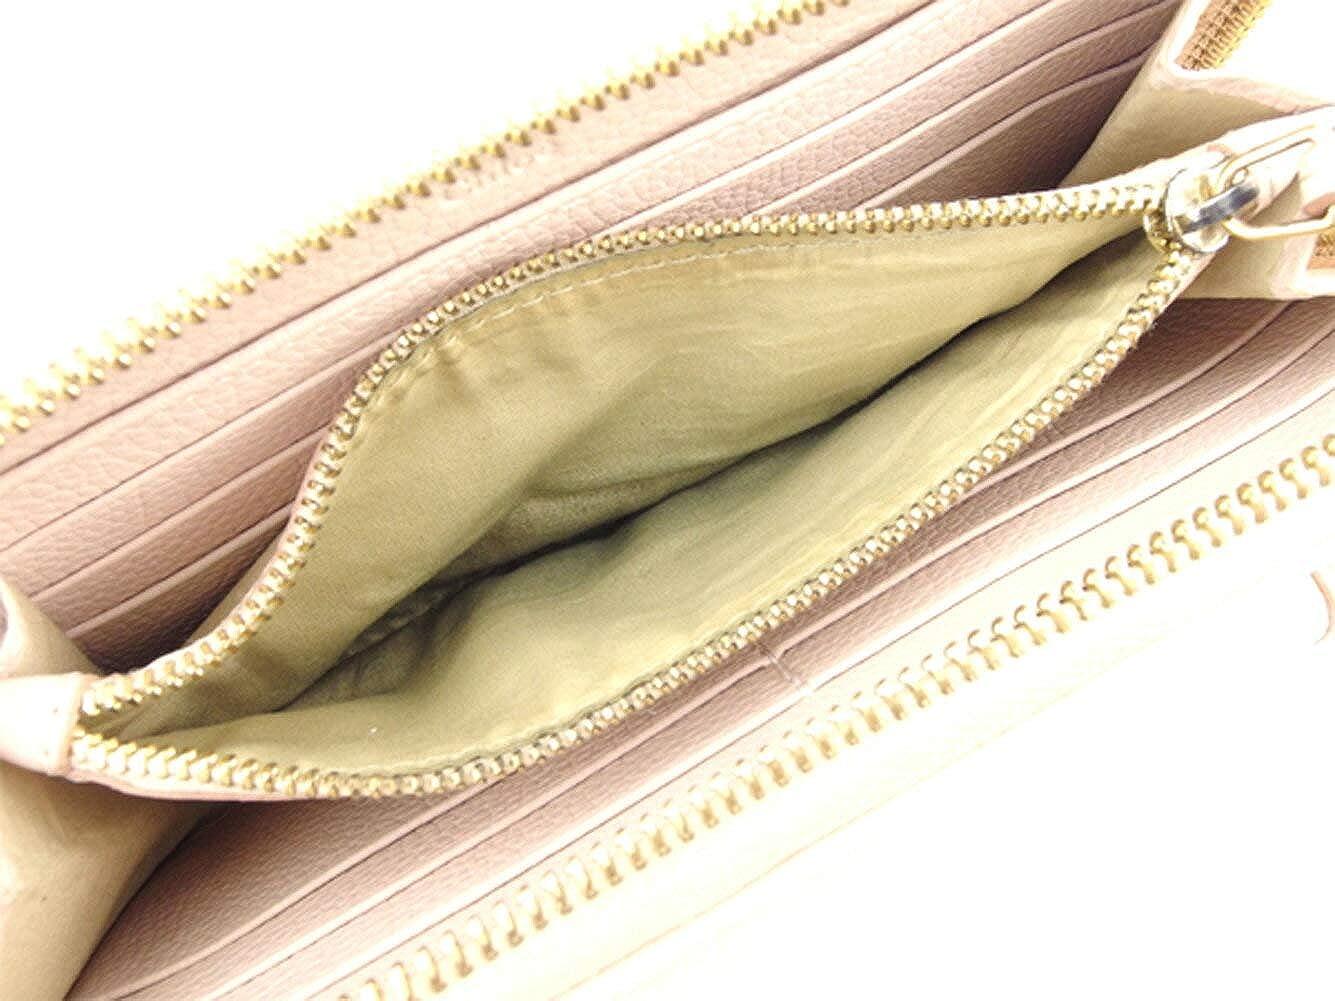 fd53c33c32cd Amazon   (クロエ) Chloé 長財布 ラウンドファスナー 財布 ピンク ゴールド パラティ レディース 中古 C3295   財布